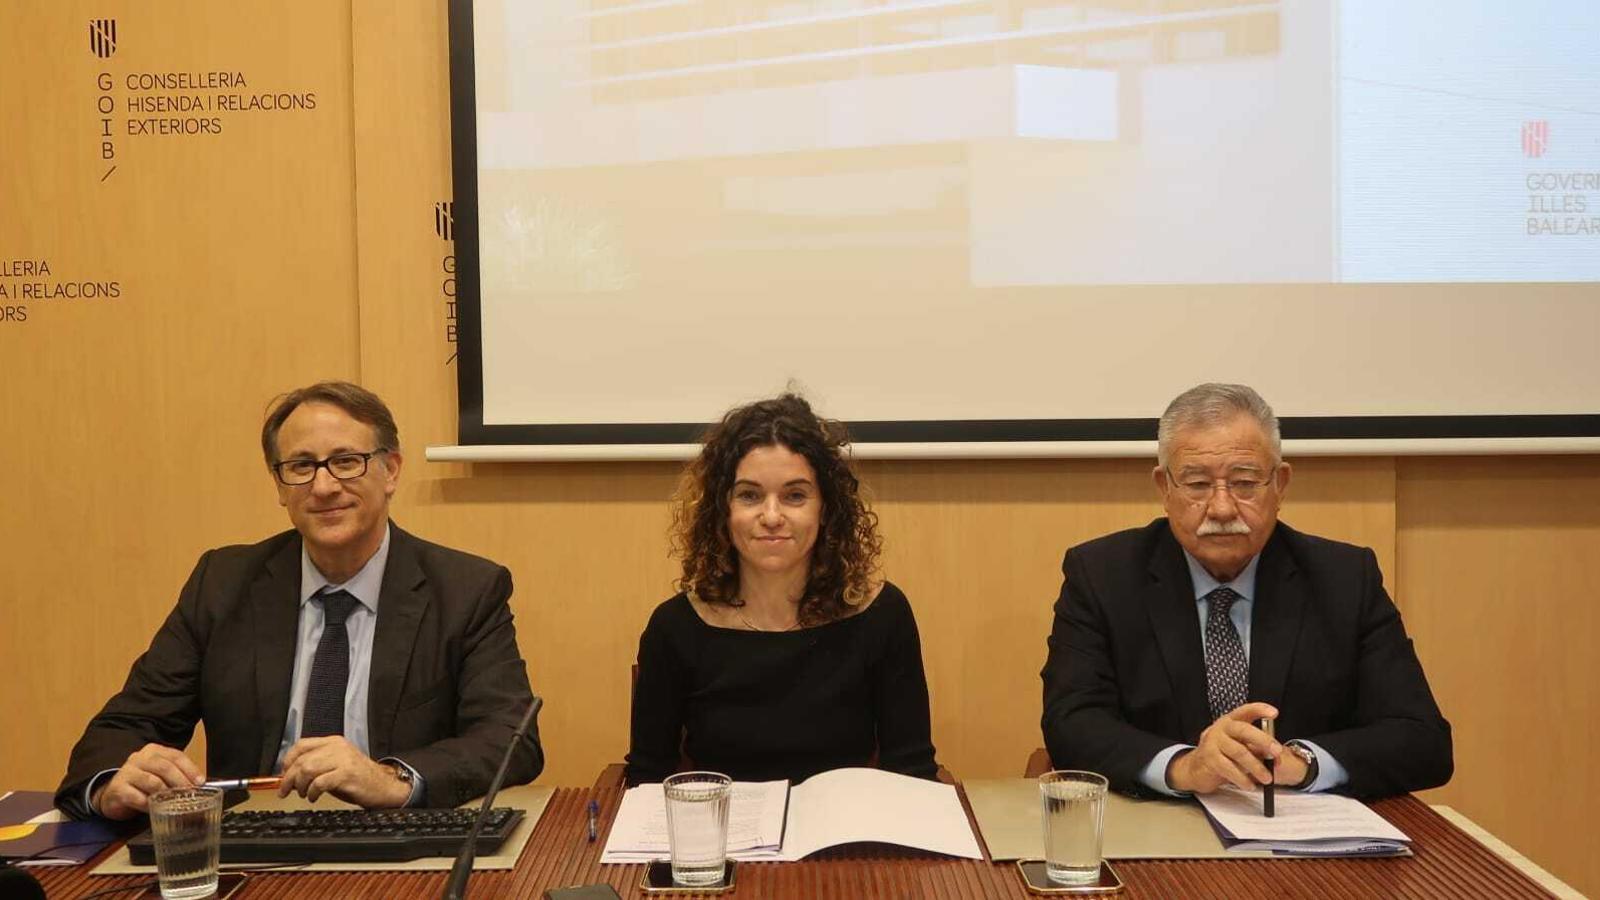 Imatge de la reunió.